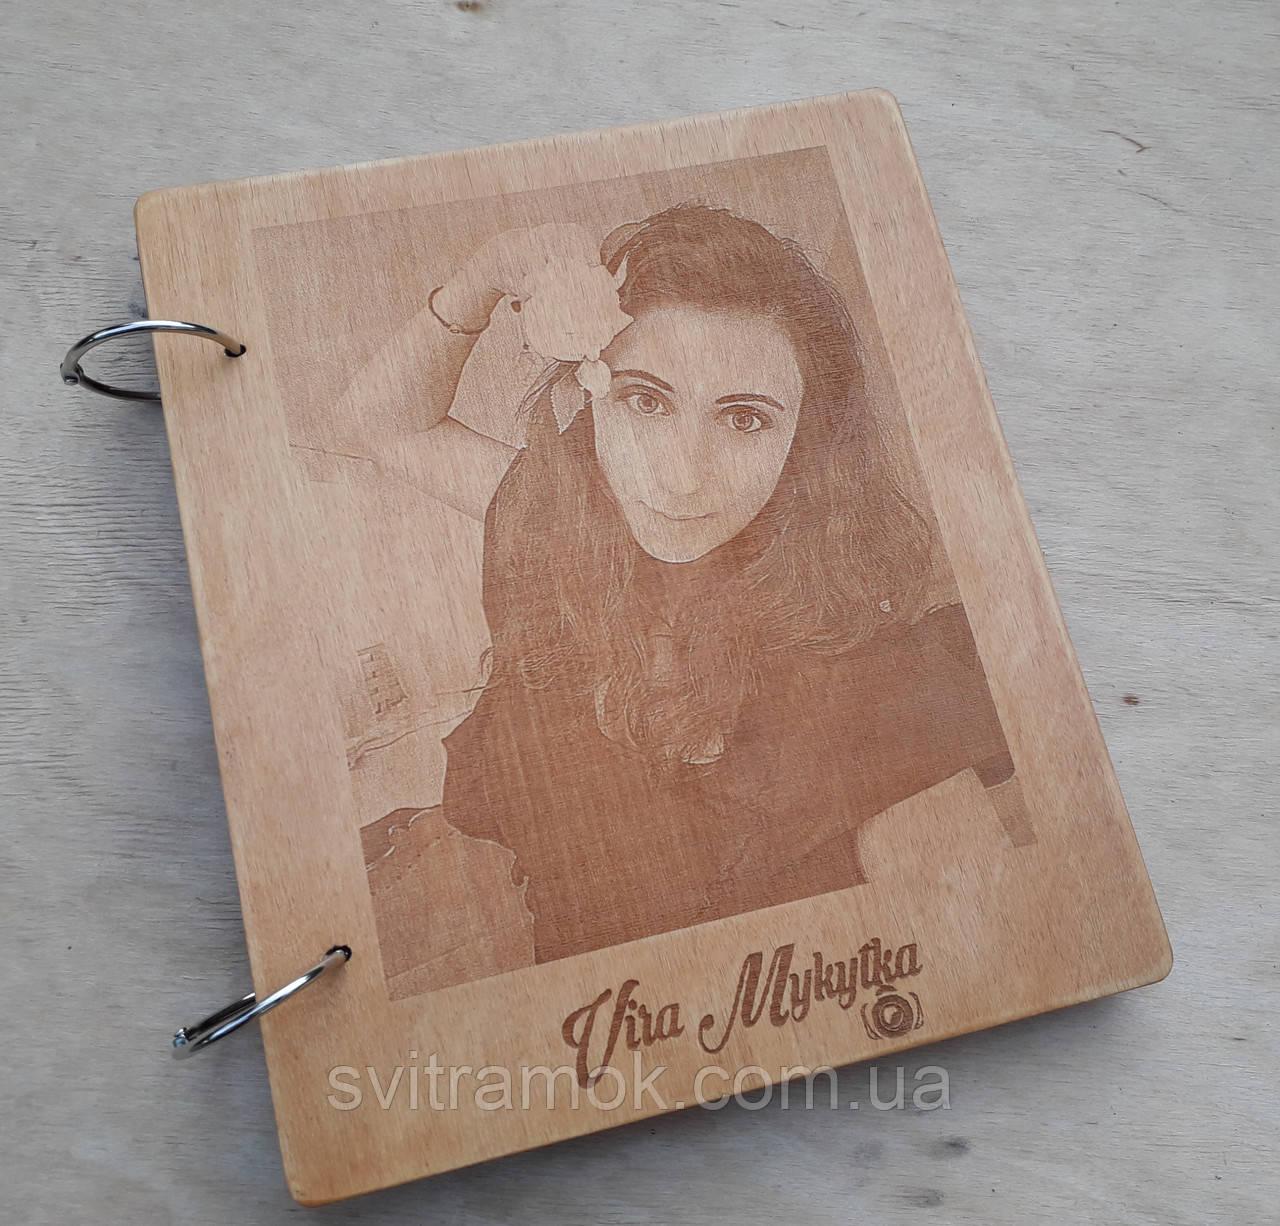 Дерев'яна яний фотоальбом з портретом